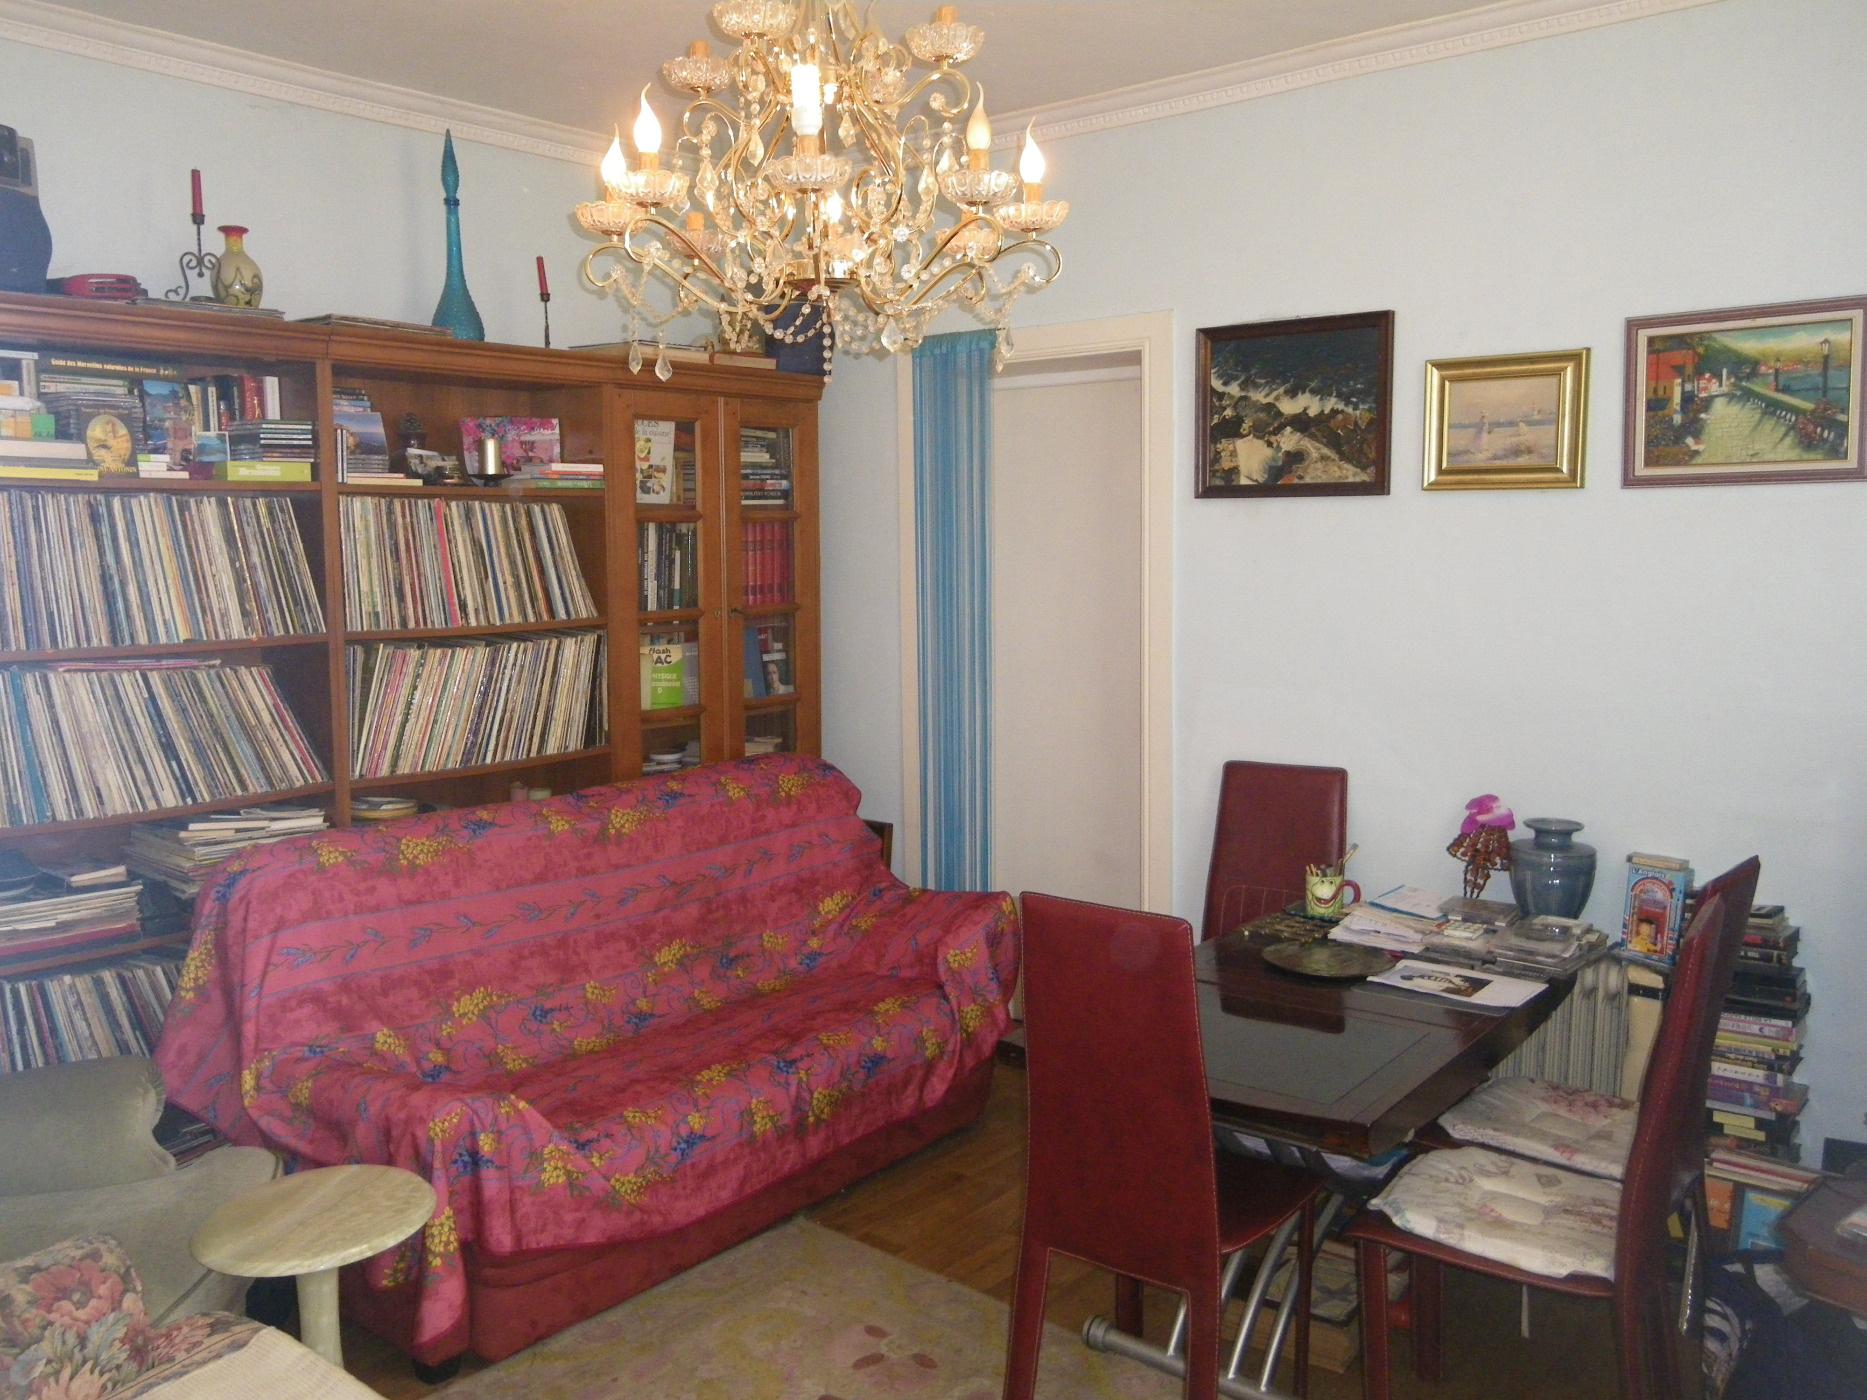 Vente Maison VIRY CHATILLON PETITE MAISON AVEC TRAVAUX  à Viry chatillon